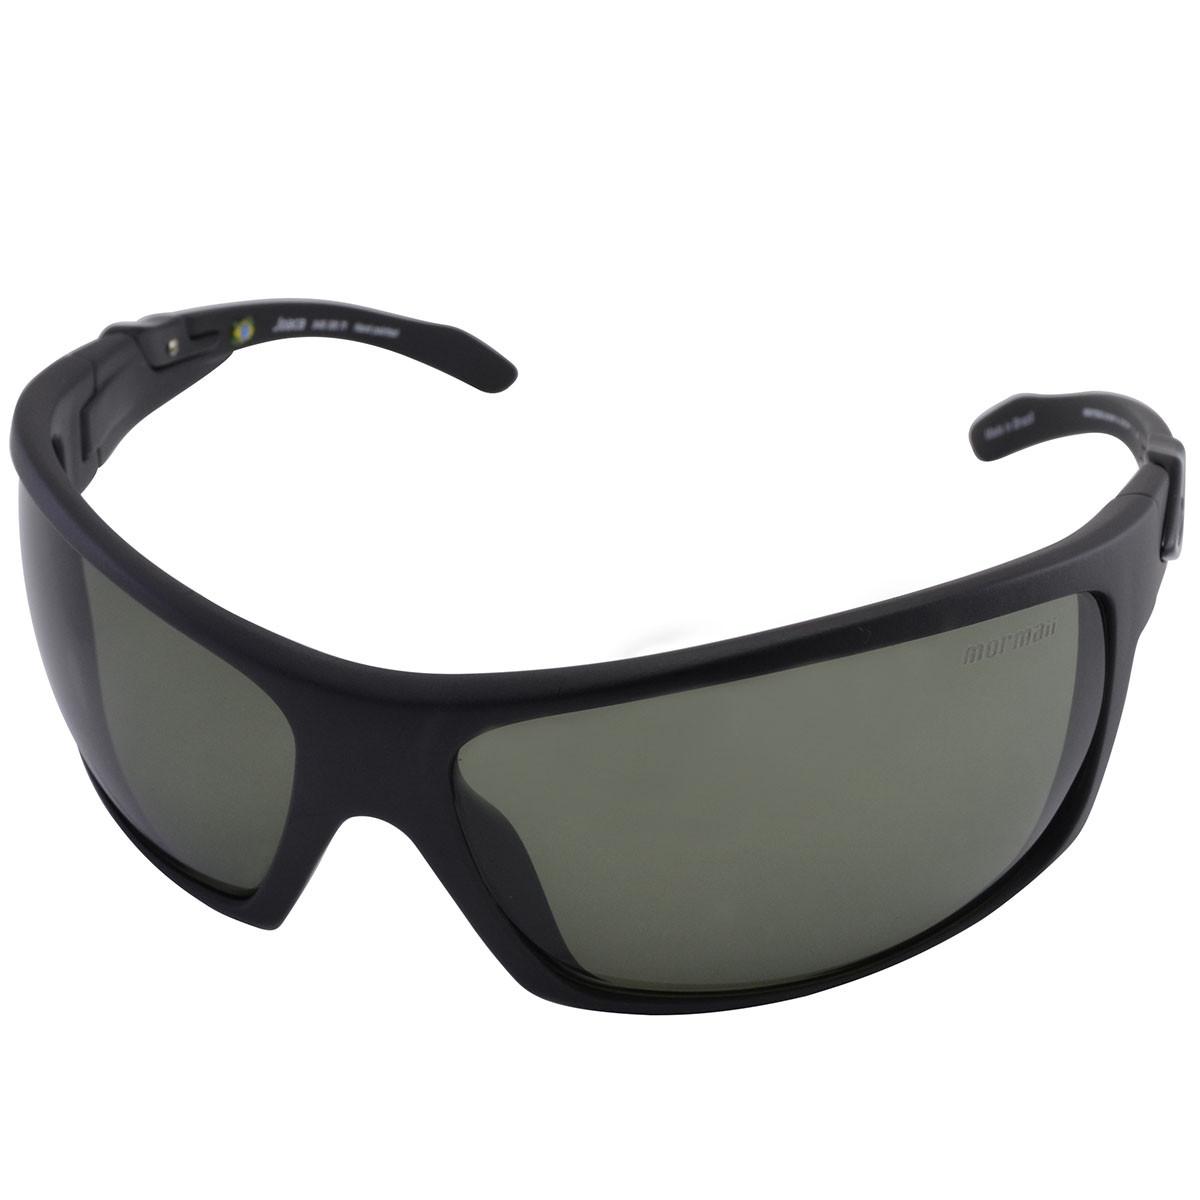 Óculos Mormaii Joaca Preto fosco com Lentes Cinzas G-15 LANÇAMENTO ... f985b71381